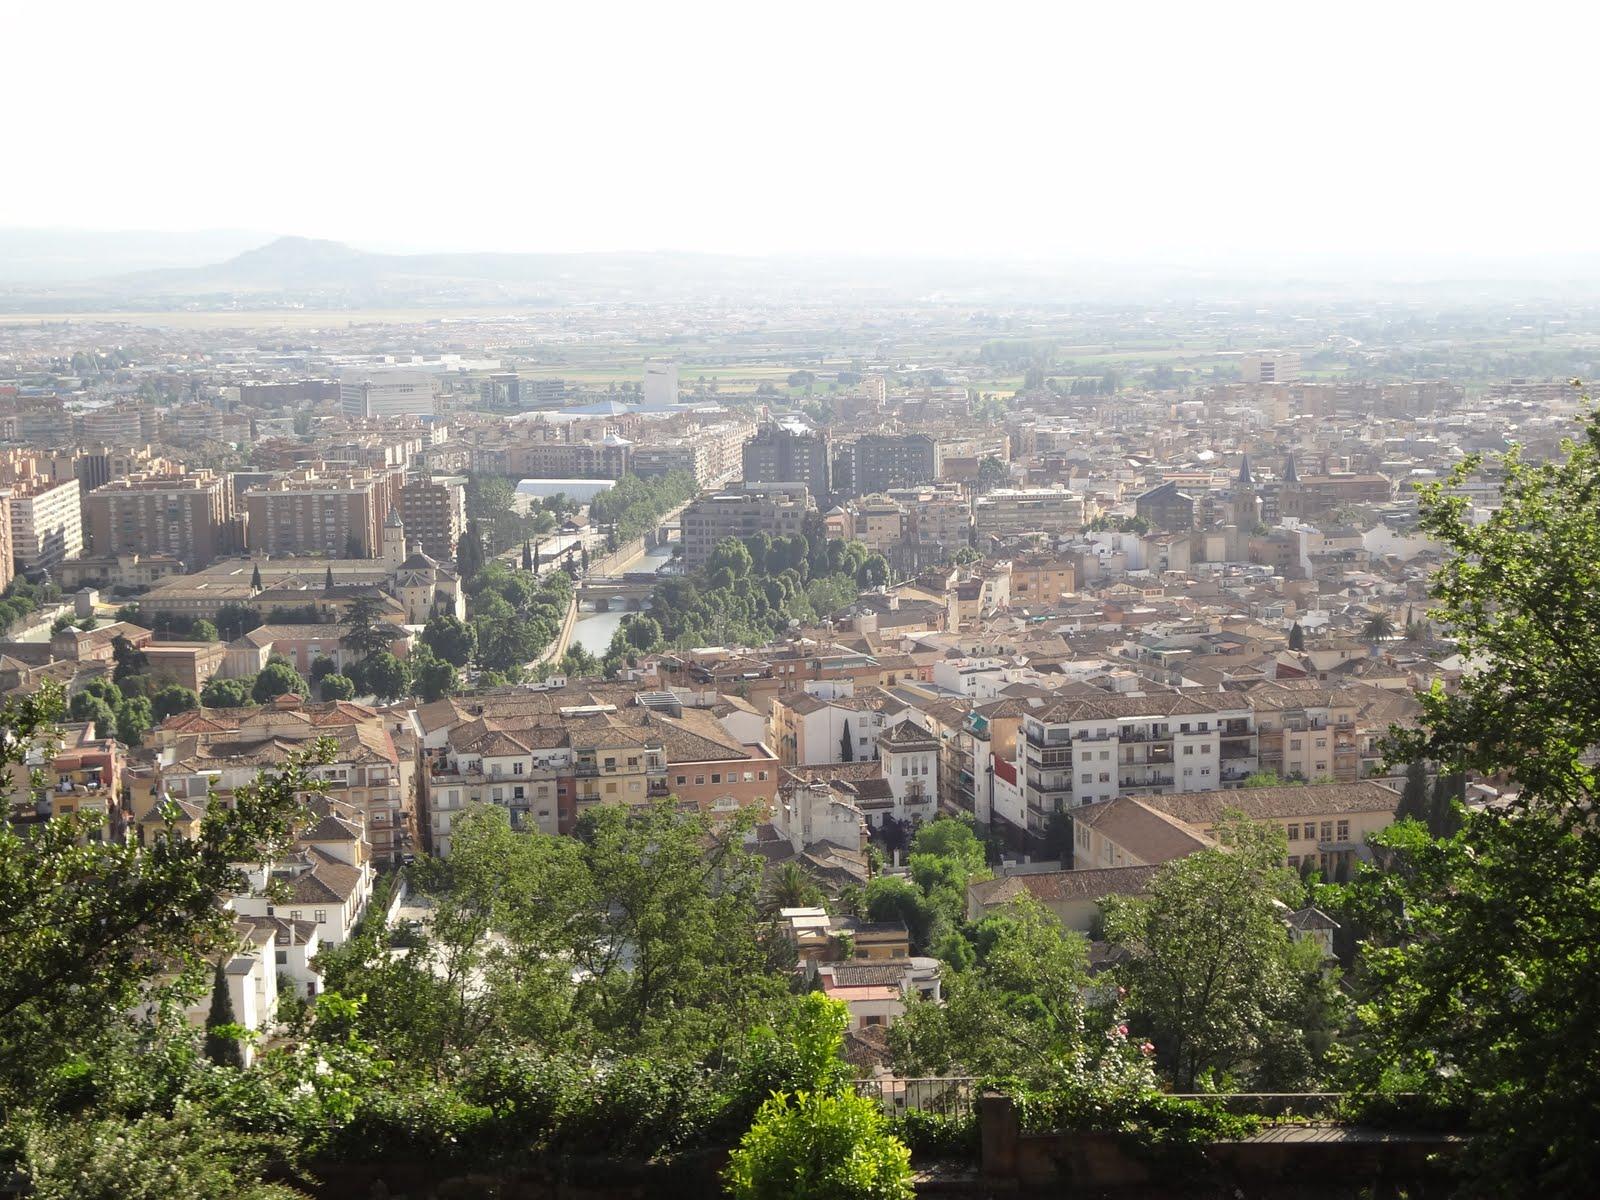 El cole de pilar carmen de los martires granada for Ciudad jardin granada